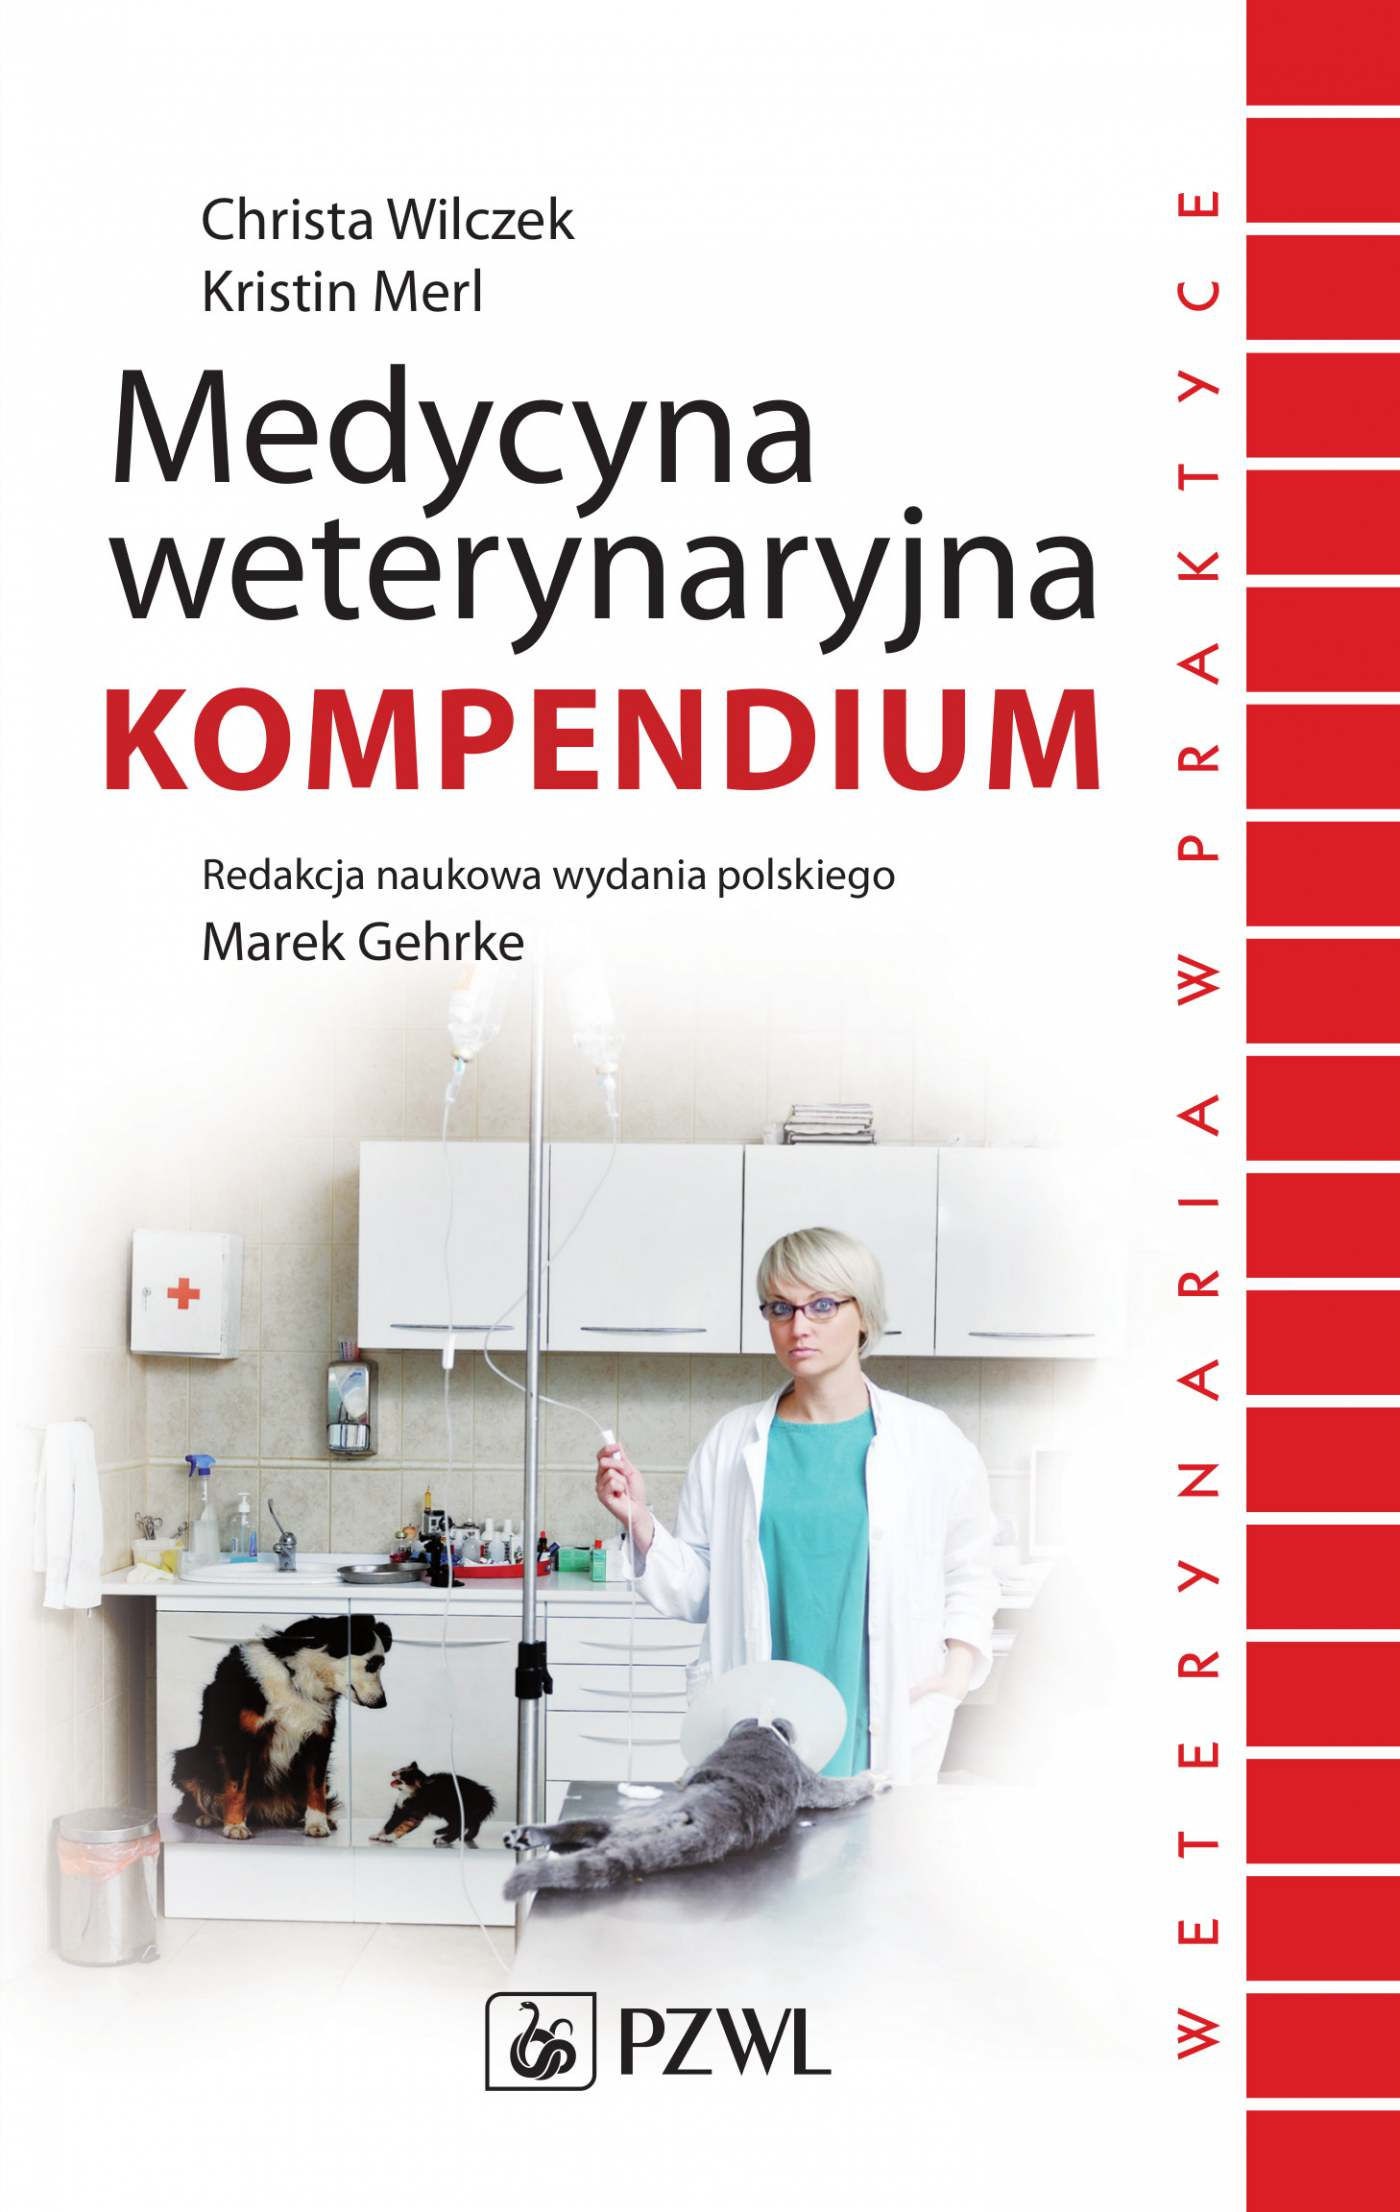 Medycyna weterynaryjna. Kompendium - Ebook (Książka na Kindle) do pobrania w formacie MOBI